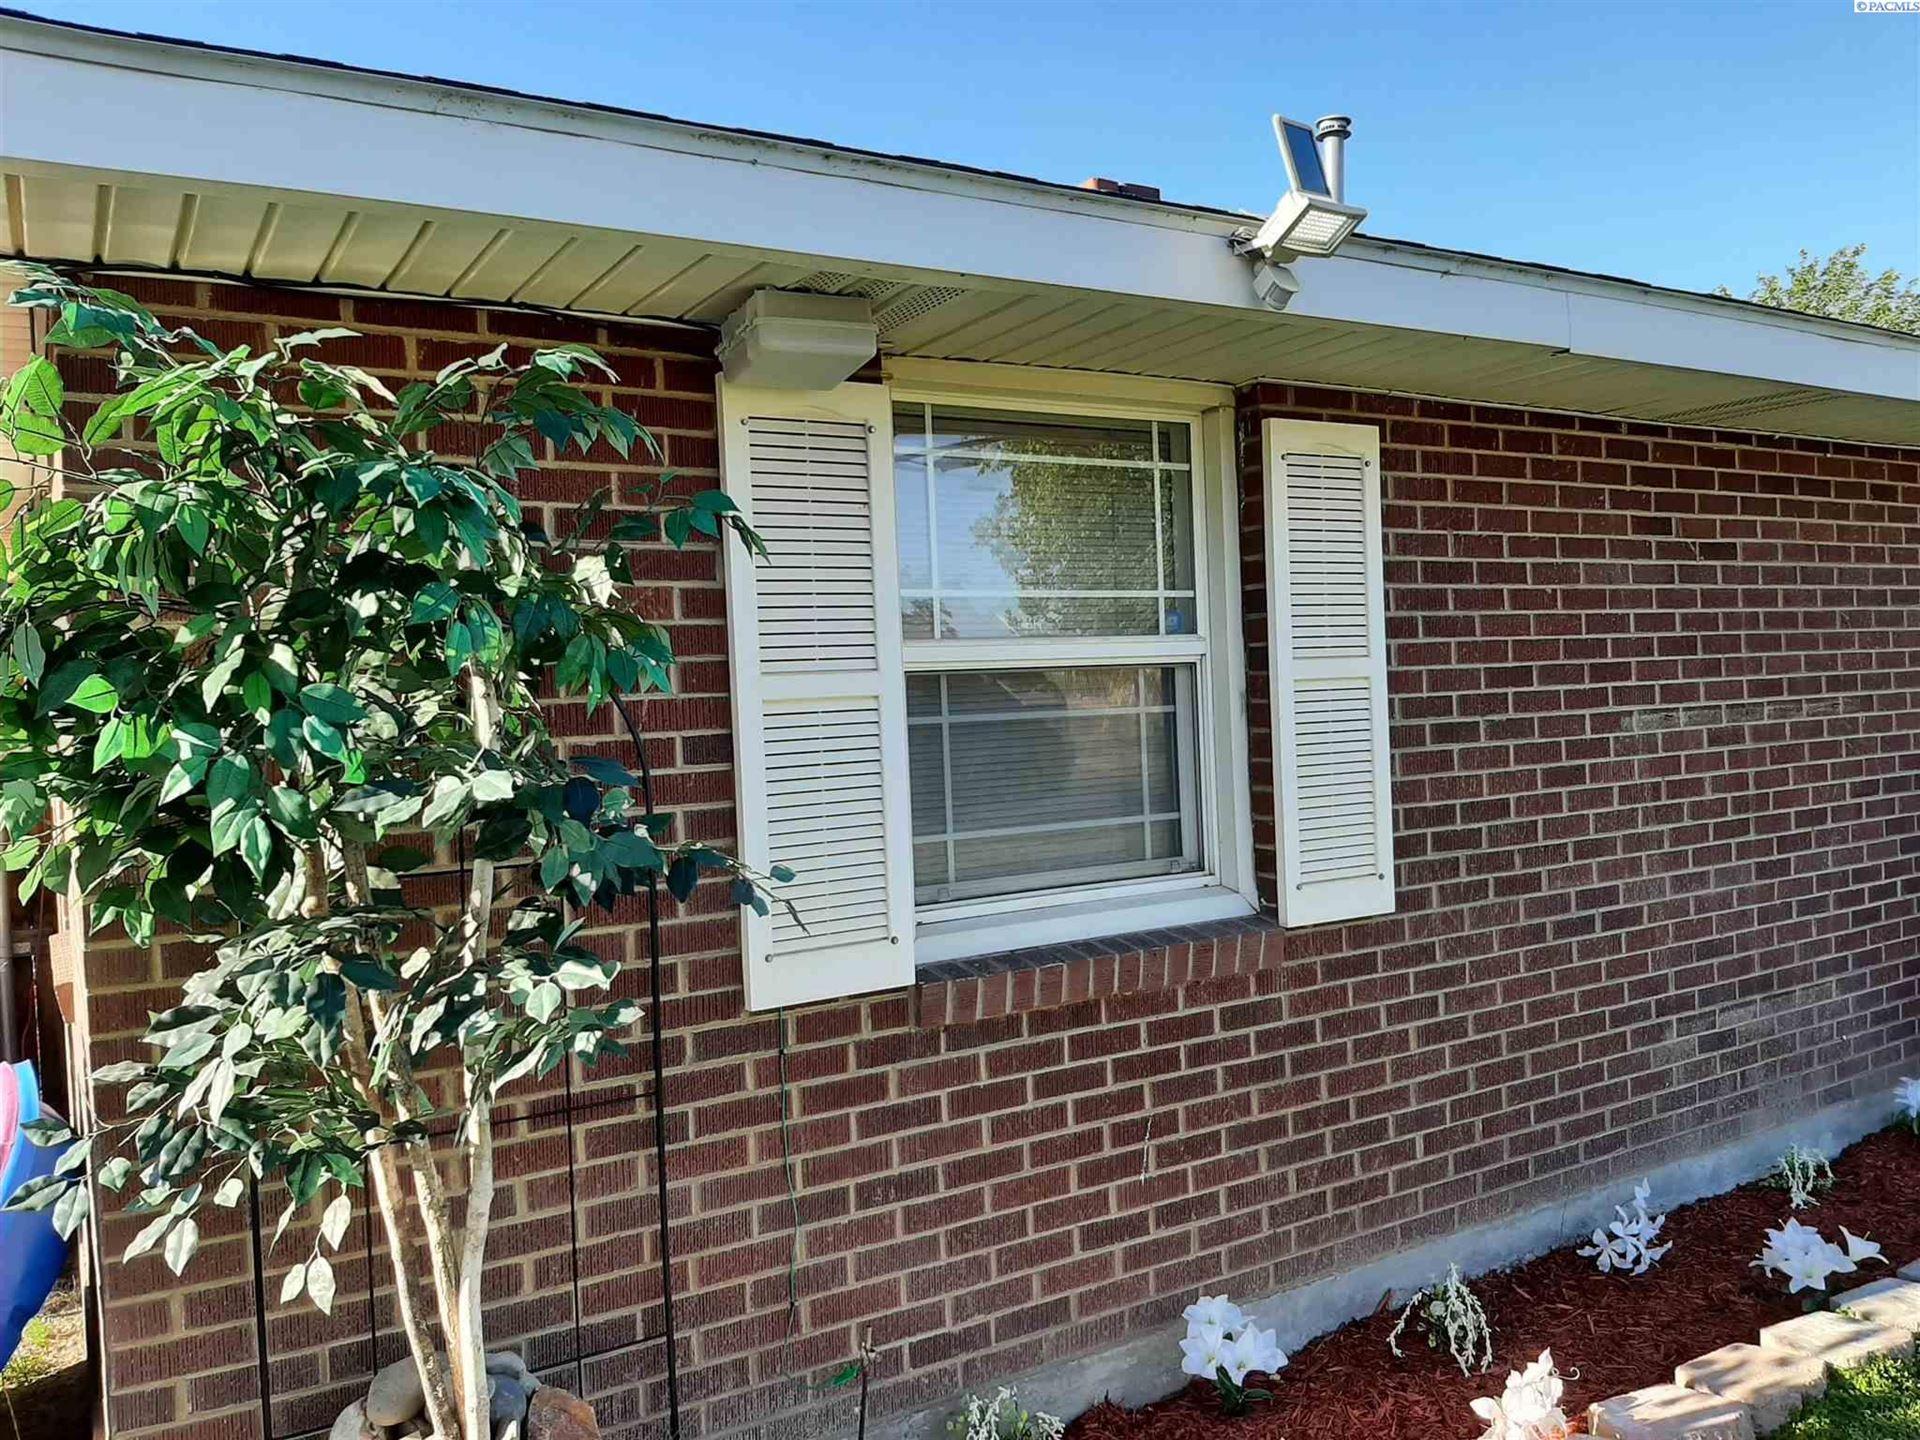 Photo of 501 N Hartford St, Kennewick, WA 99336 (MLS # 254414)